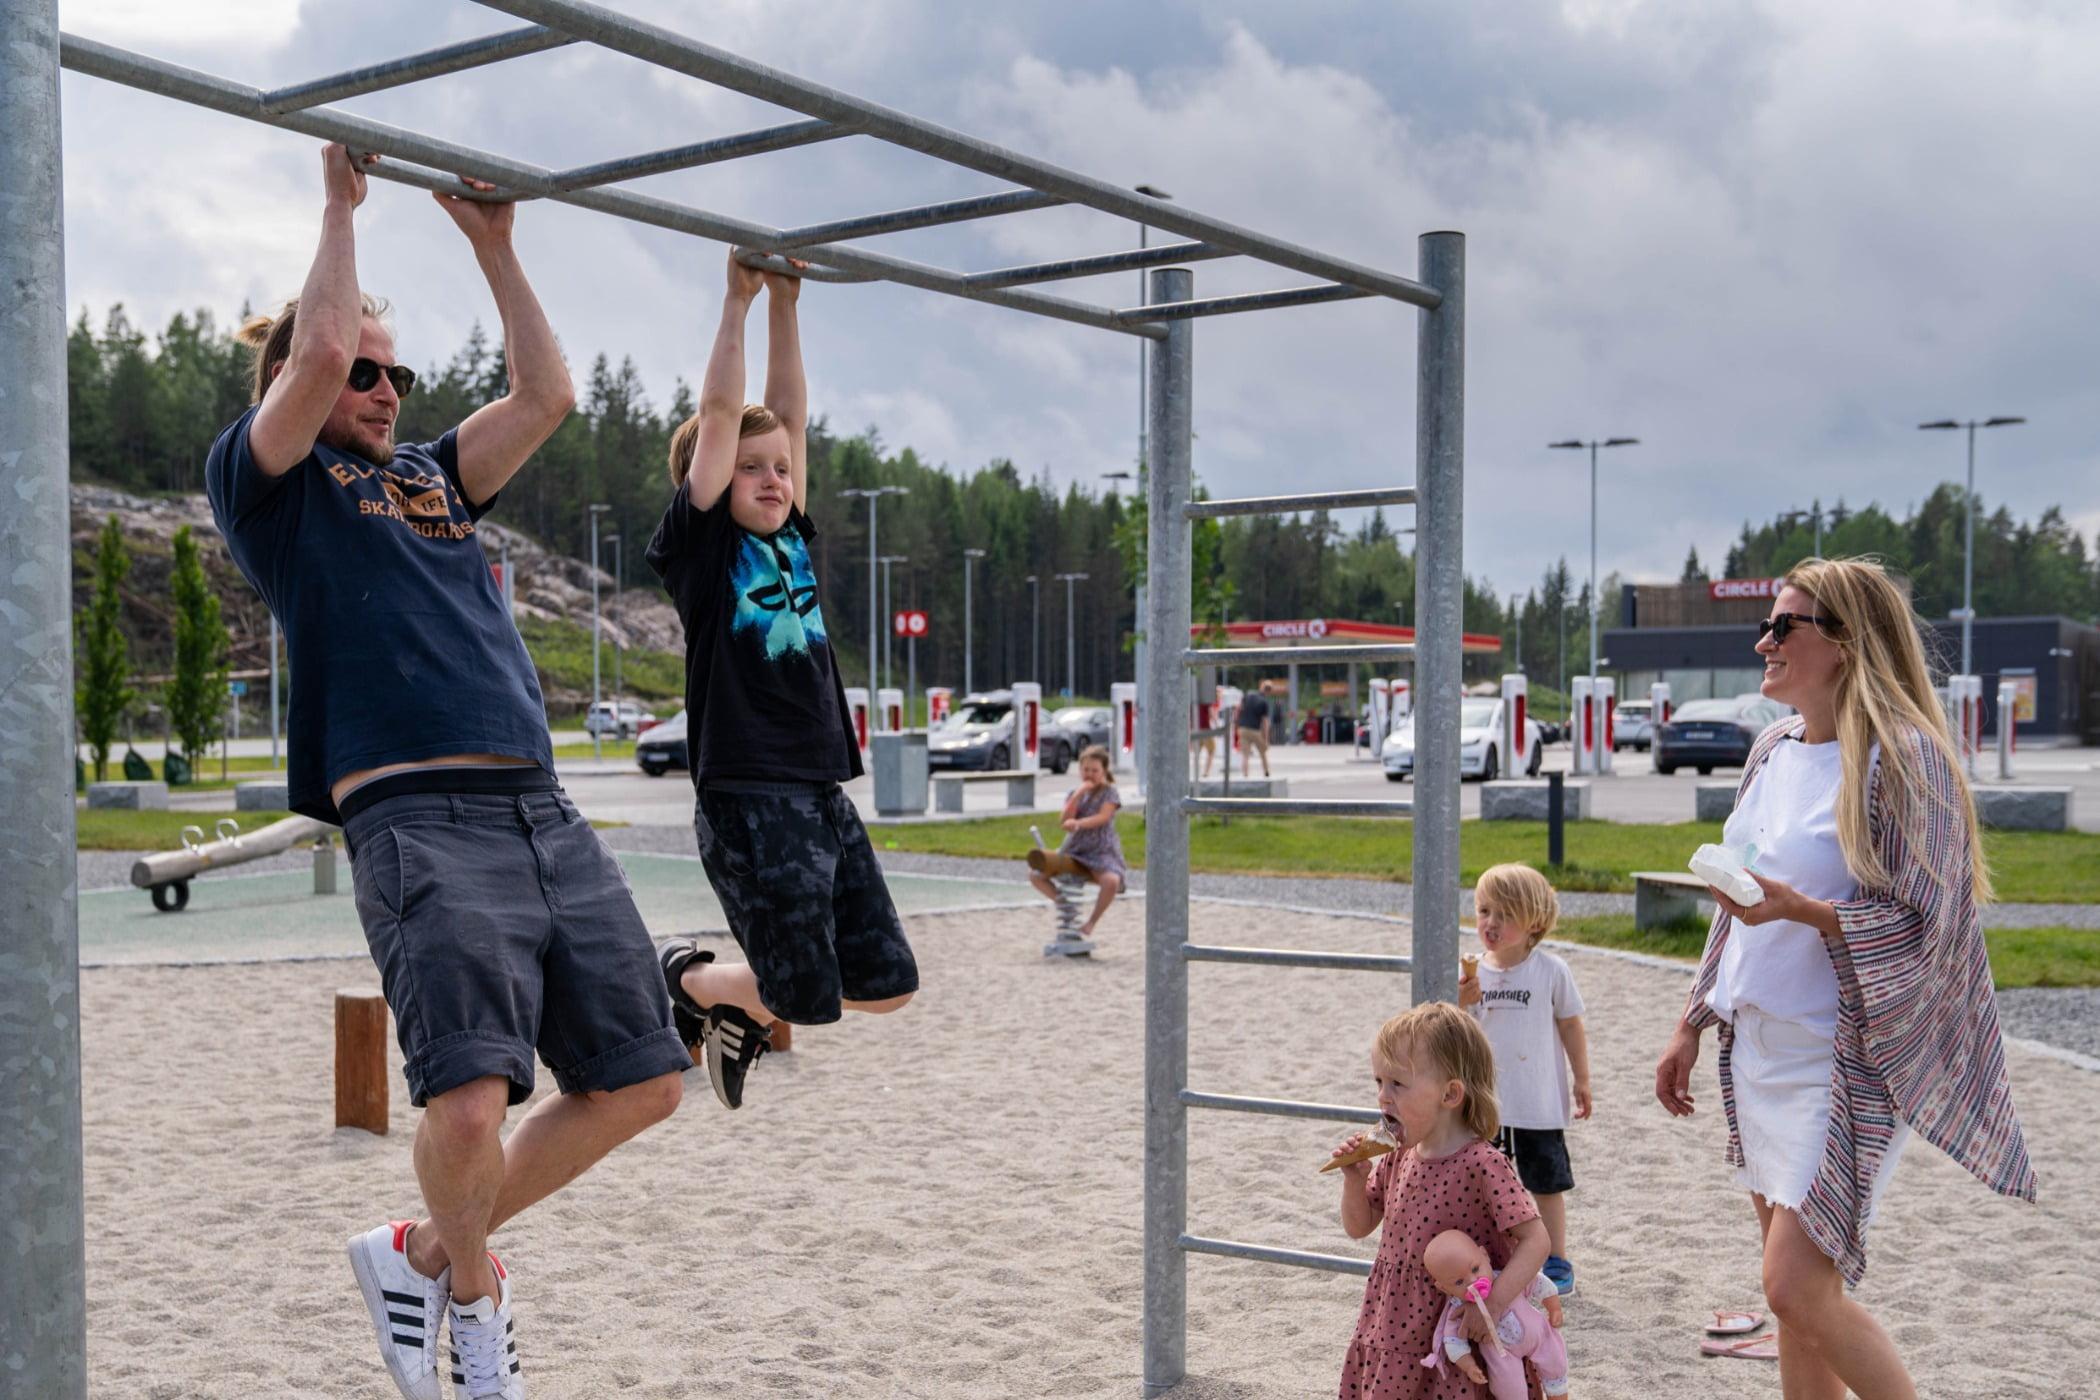 Active shorts, Public space, Sky, Cloud, Leisure, Tree, T-shirt